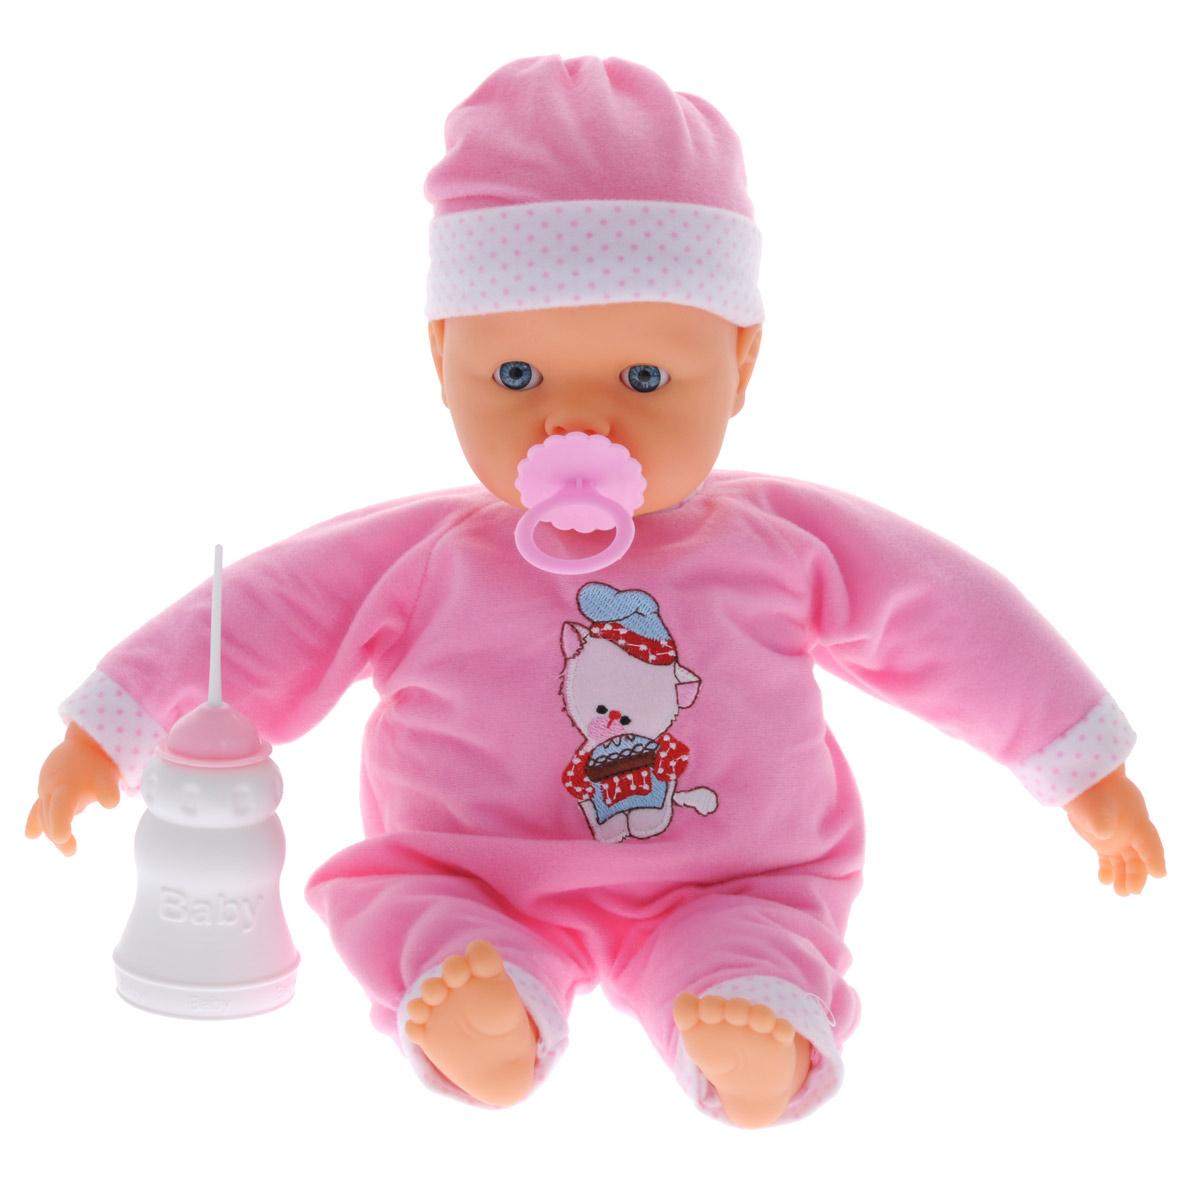 """Фото Кукла-пупс """"Falca"""", озвученная, с аксессуарами, 38 см. Покупайте с доставкой по России"""